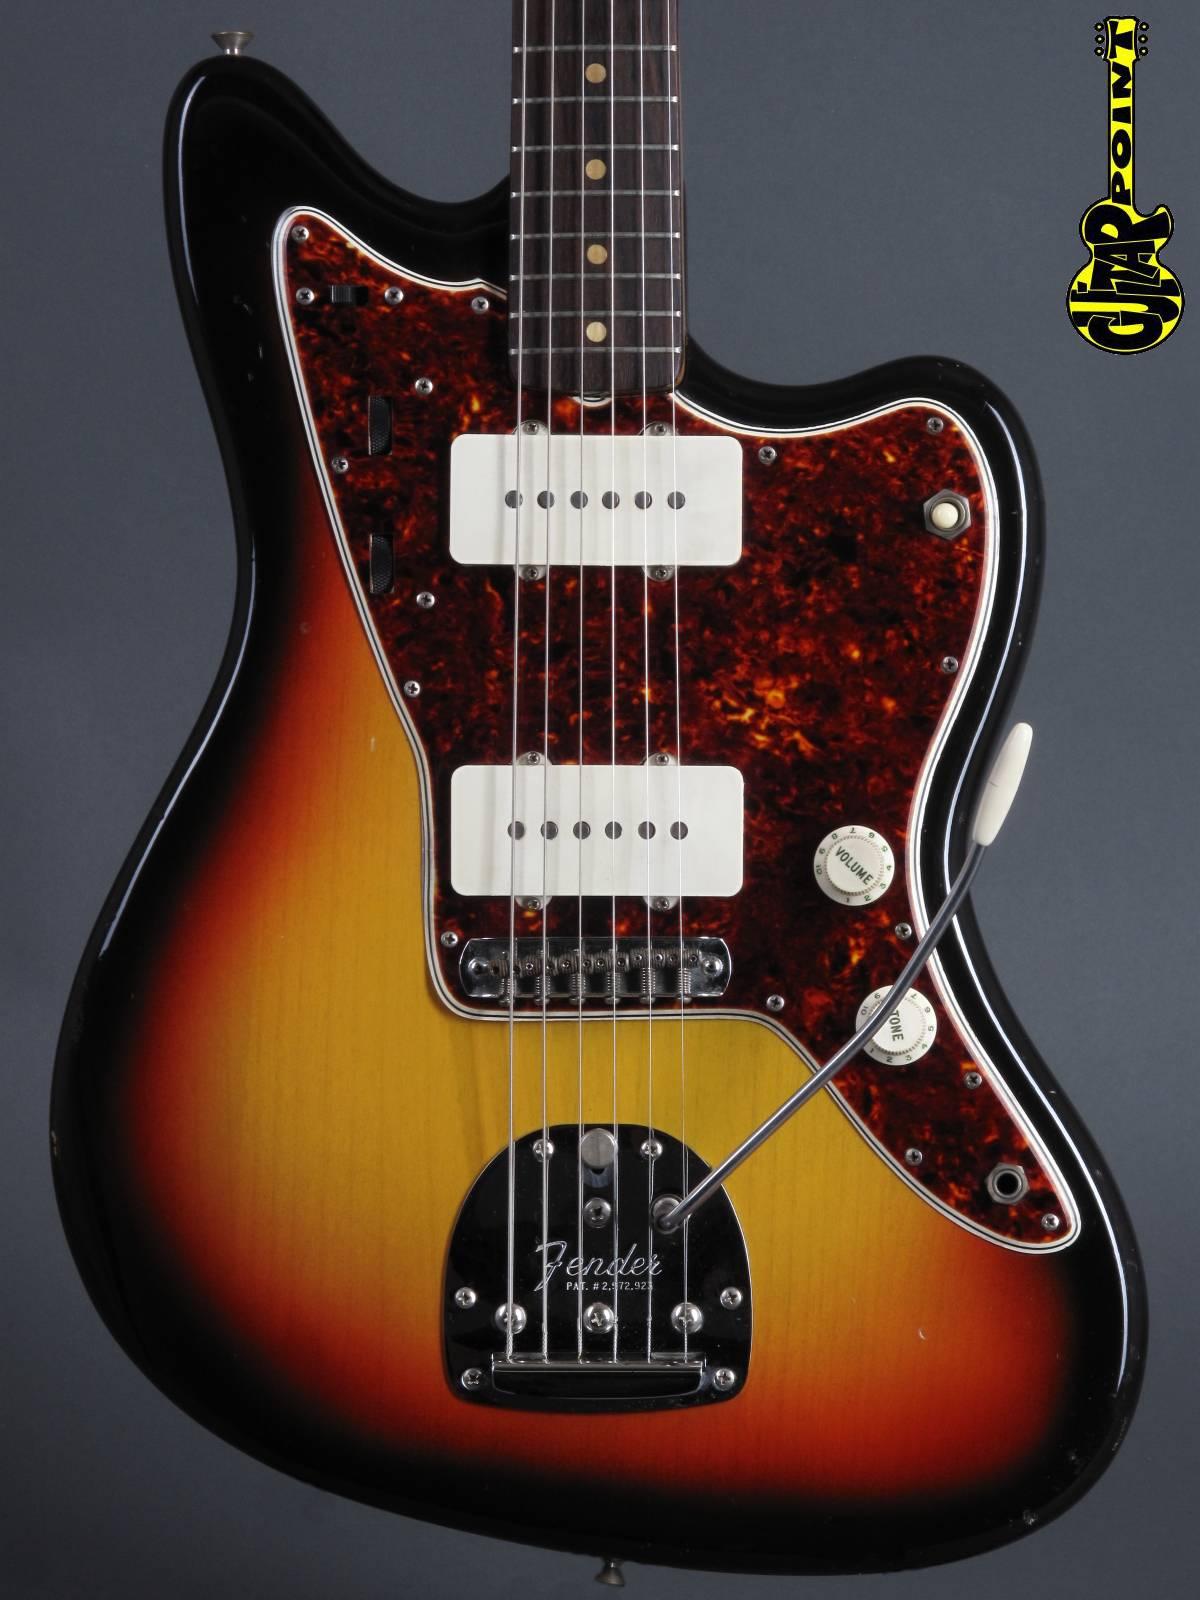 1965 Fender Jazzmaster - 3-tone Sunburst